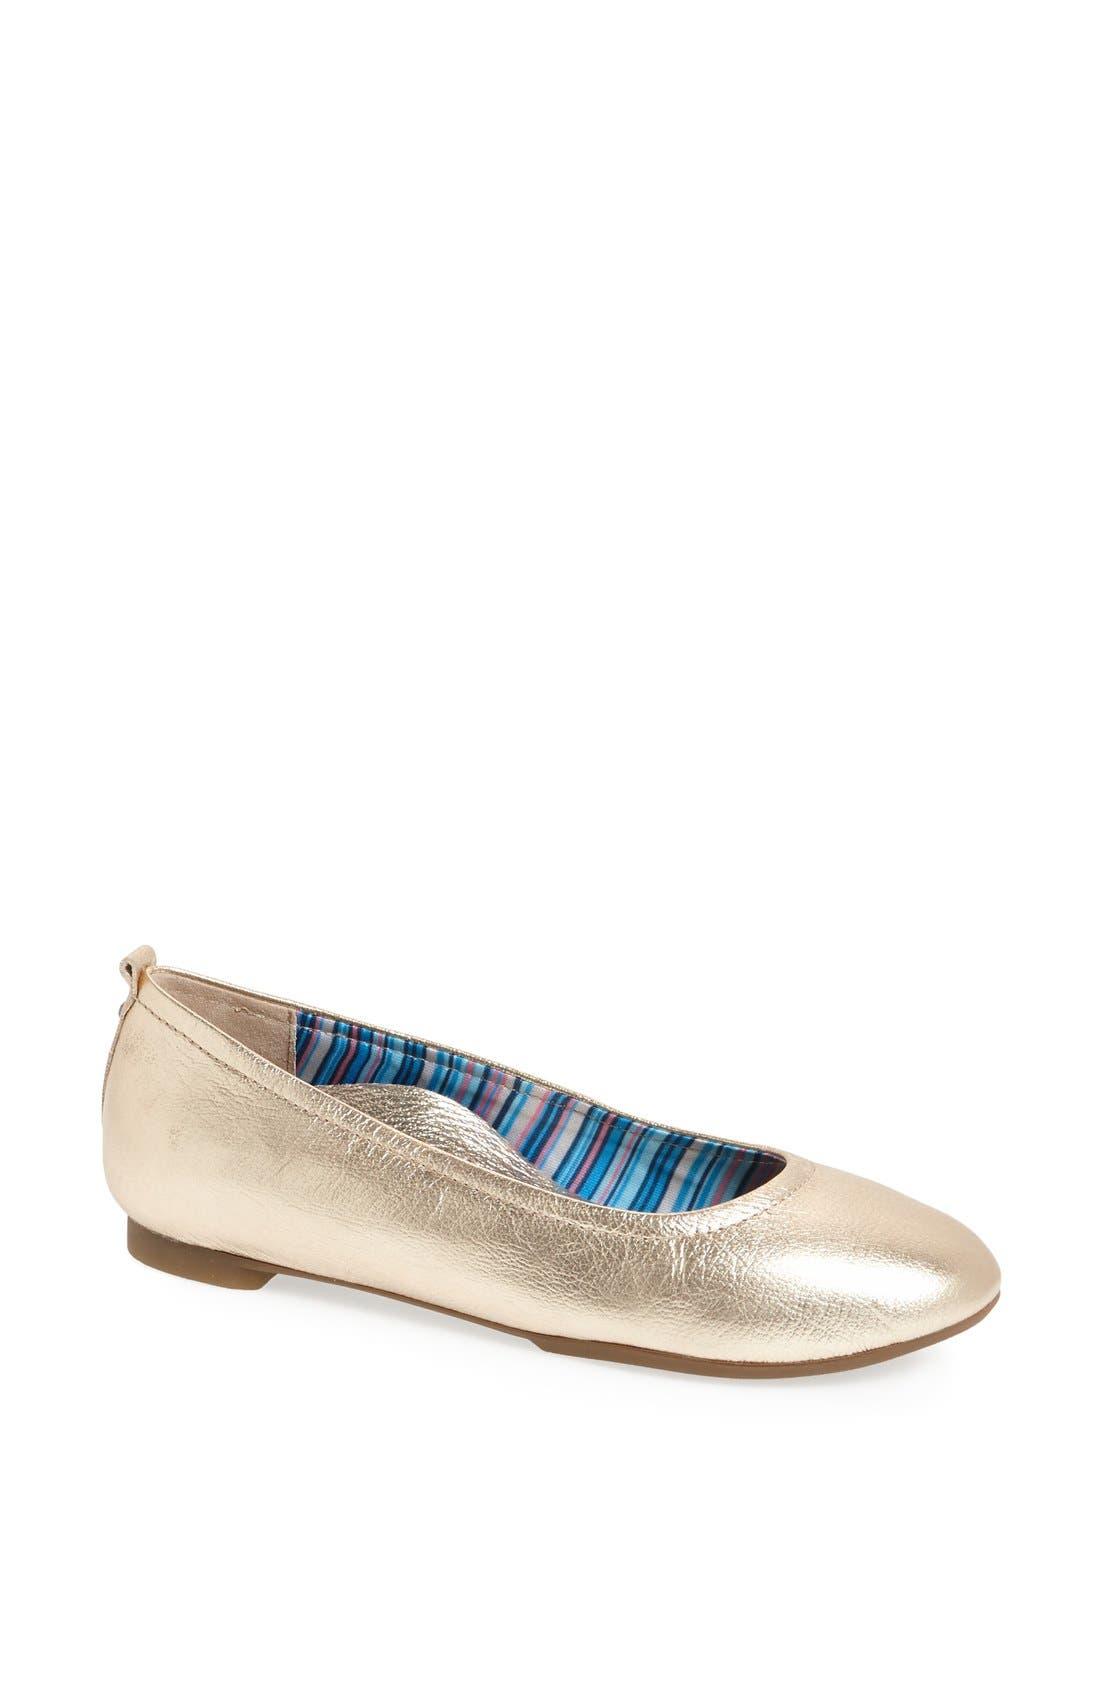 Main Image - Aetrex 'Erica' Ballet Flat